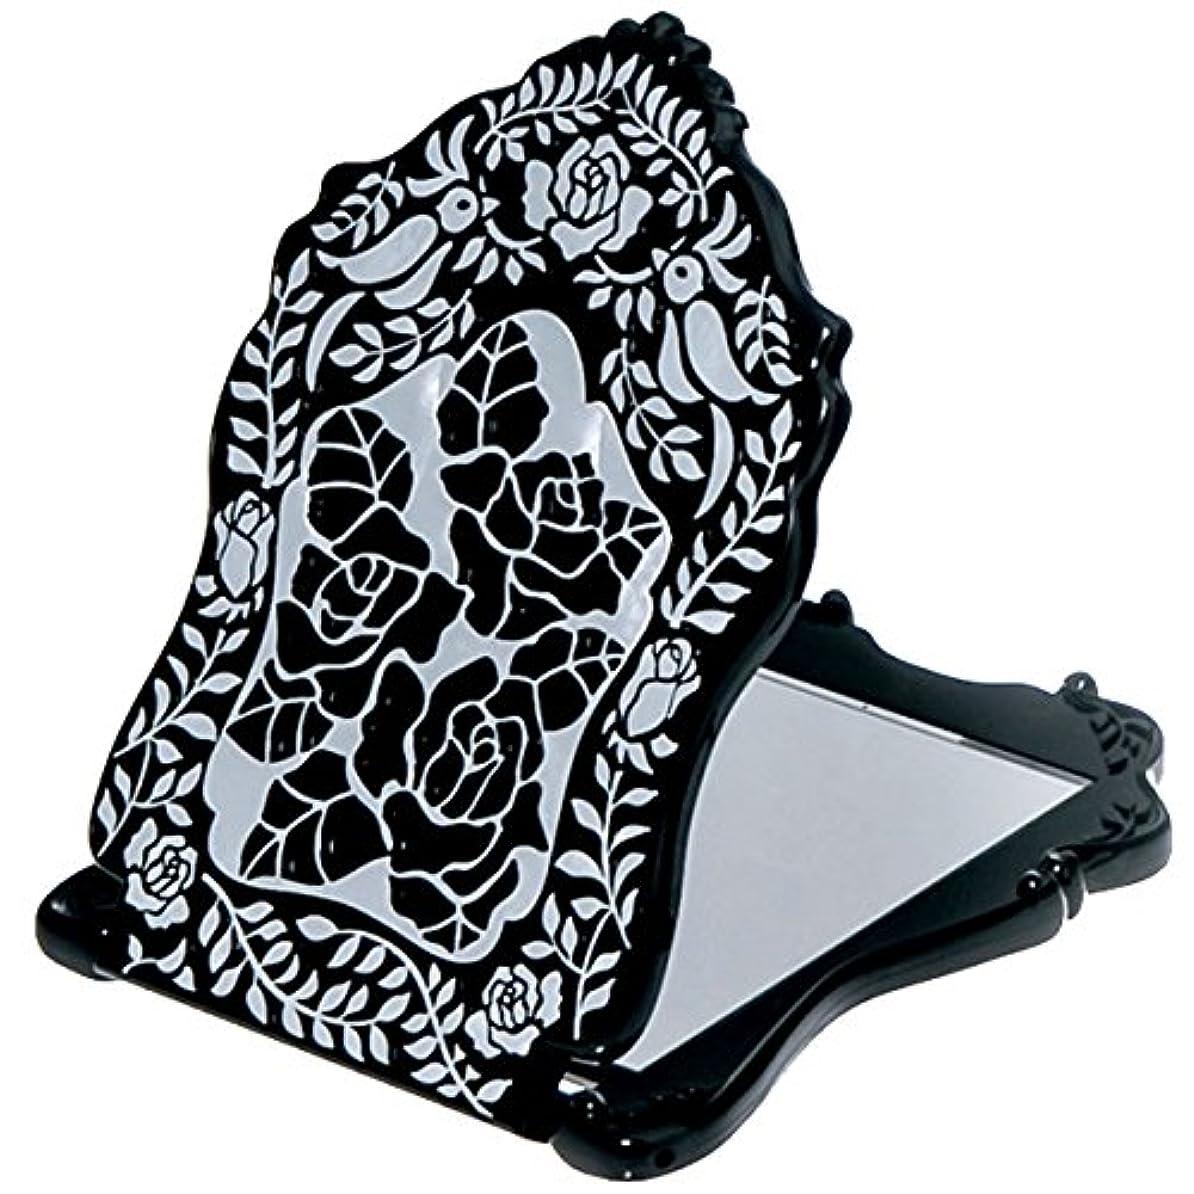 事業内容プラグ別の(アナスイ) ANNA SUI ビューティ ミラー N 鏡 コンパクト ビューティー 黒 ブラック ロゴ ローズ 薔薇 バラ